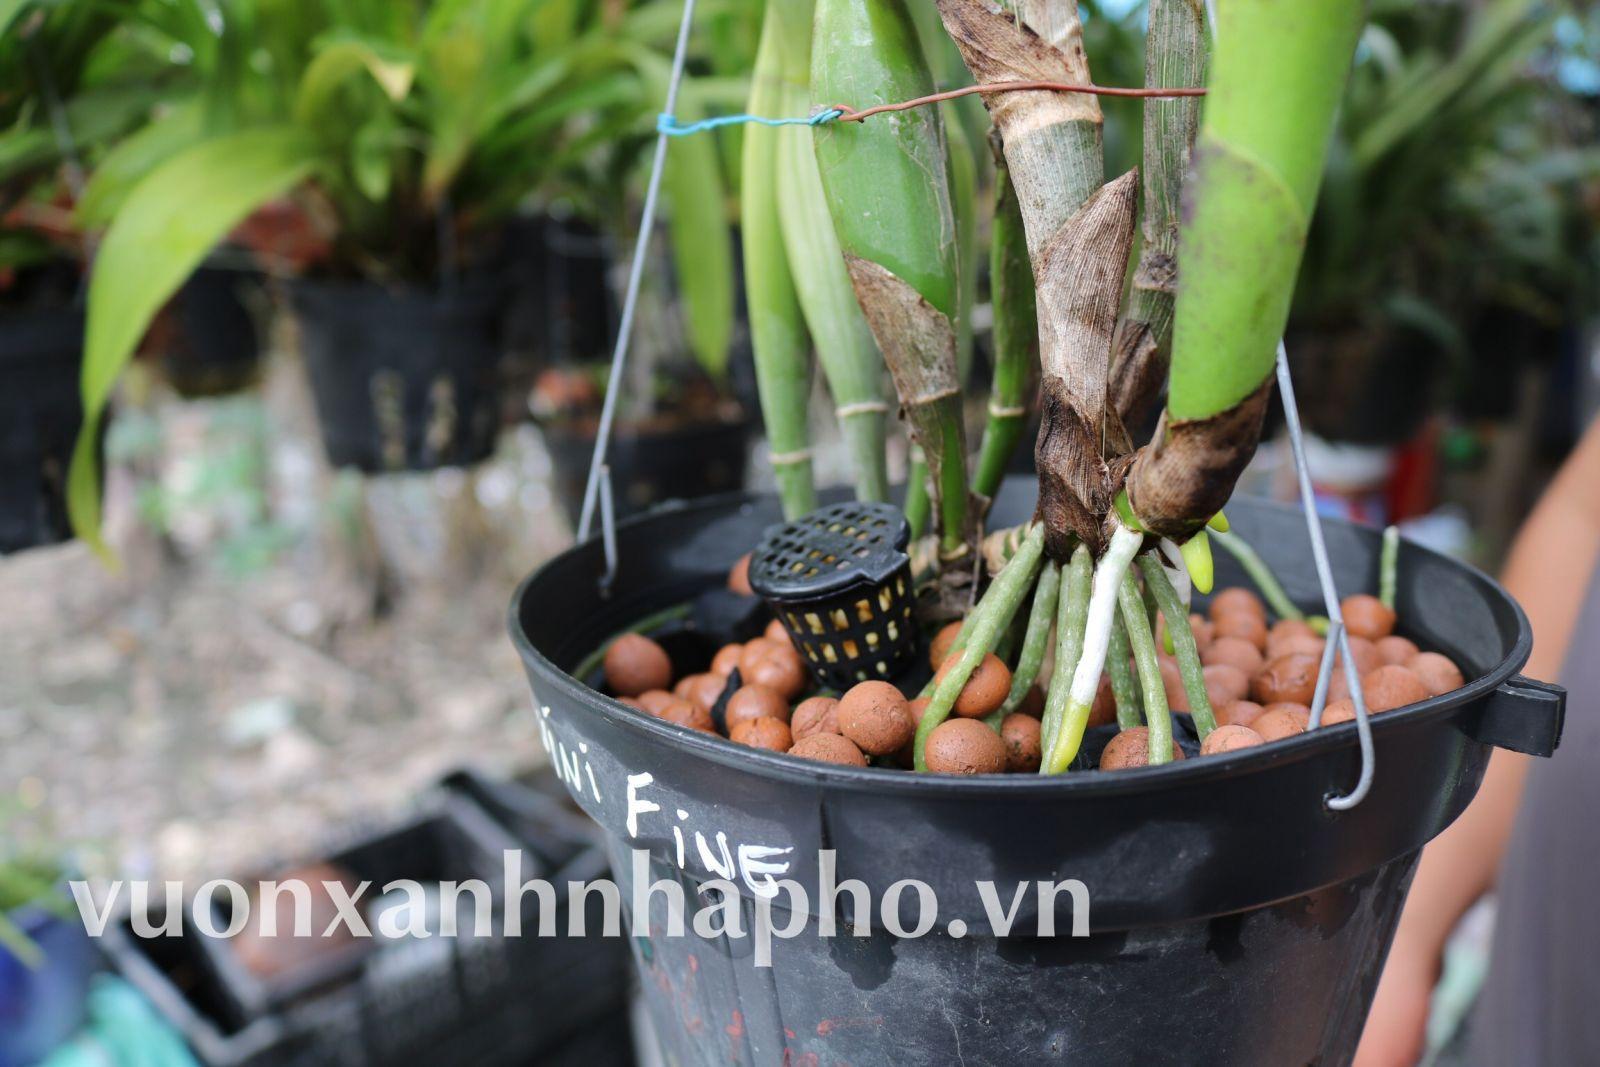 Đất Nung Thailand Size L 1 lít chuyên cho tiểu cảnh, xương rồng, sen đá, rau ăn lá, chậu sứ...